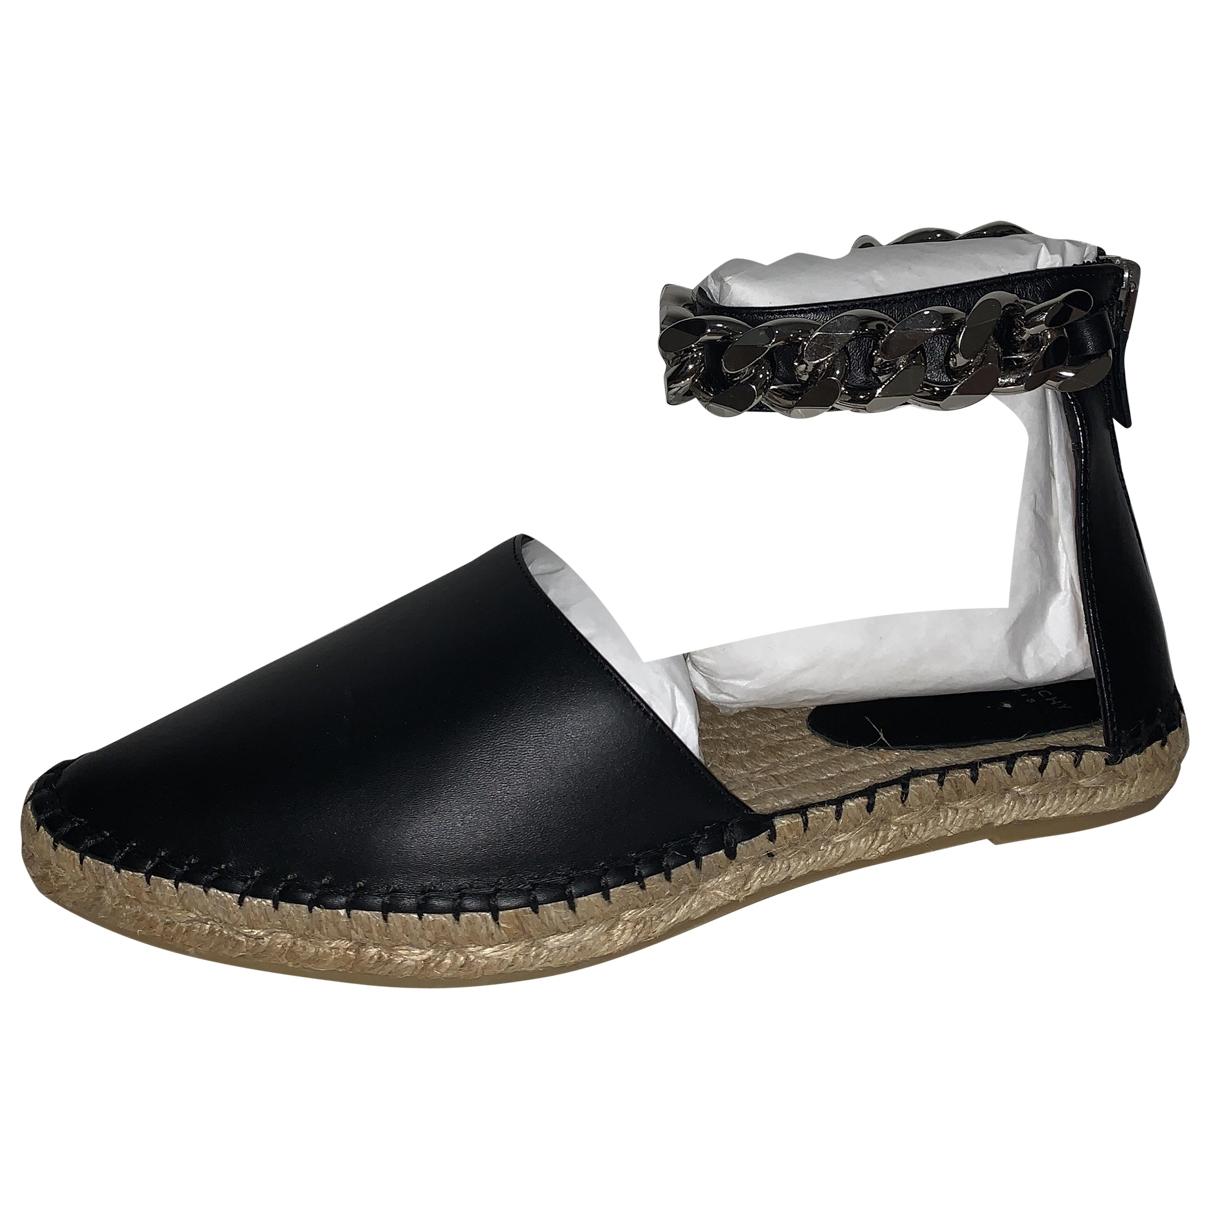 Givenchy - Espadrilles   pour femme en cuir - noir